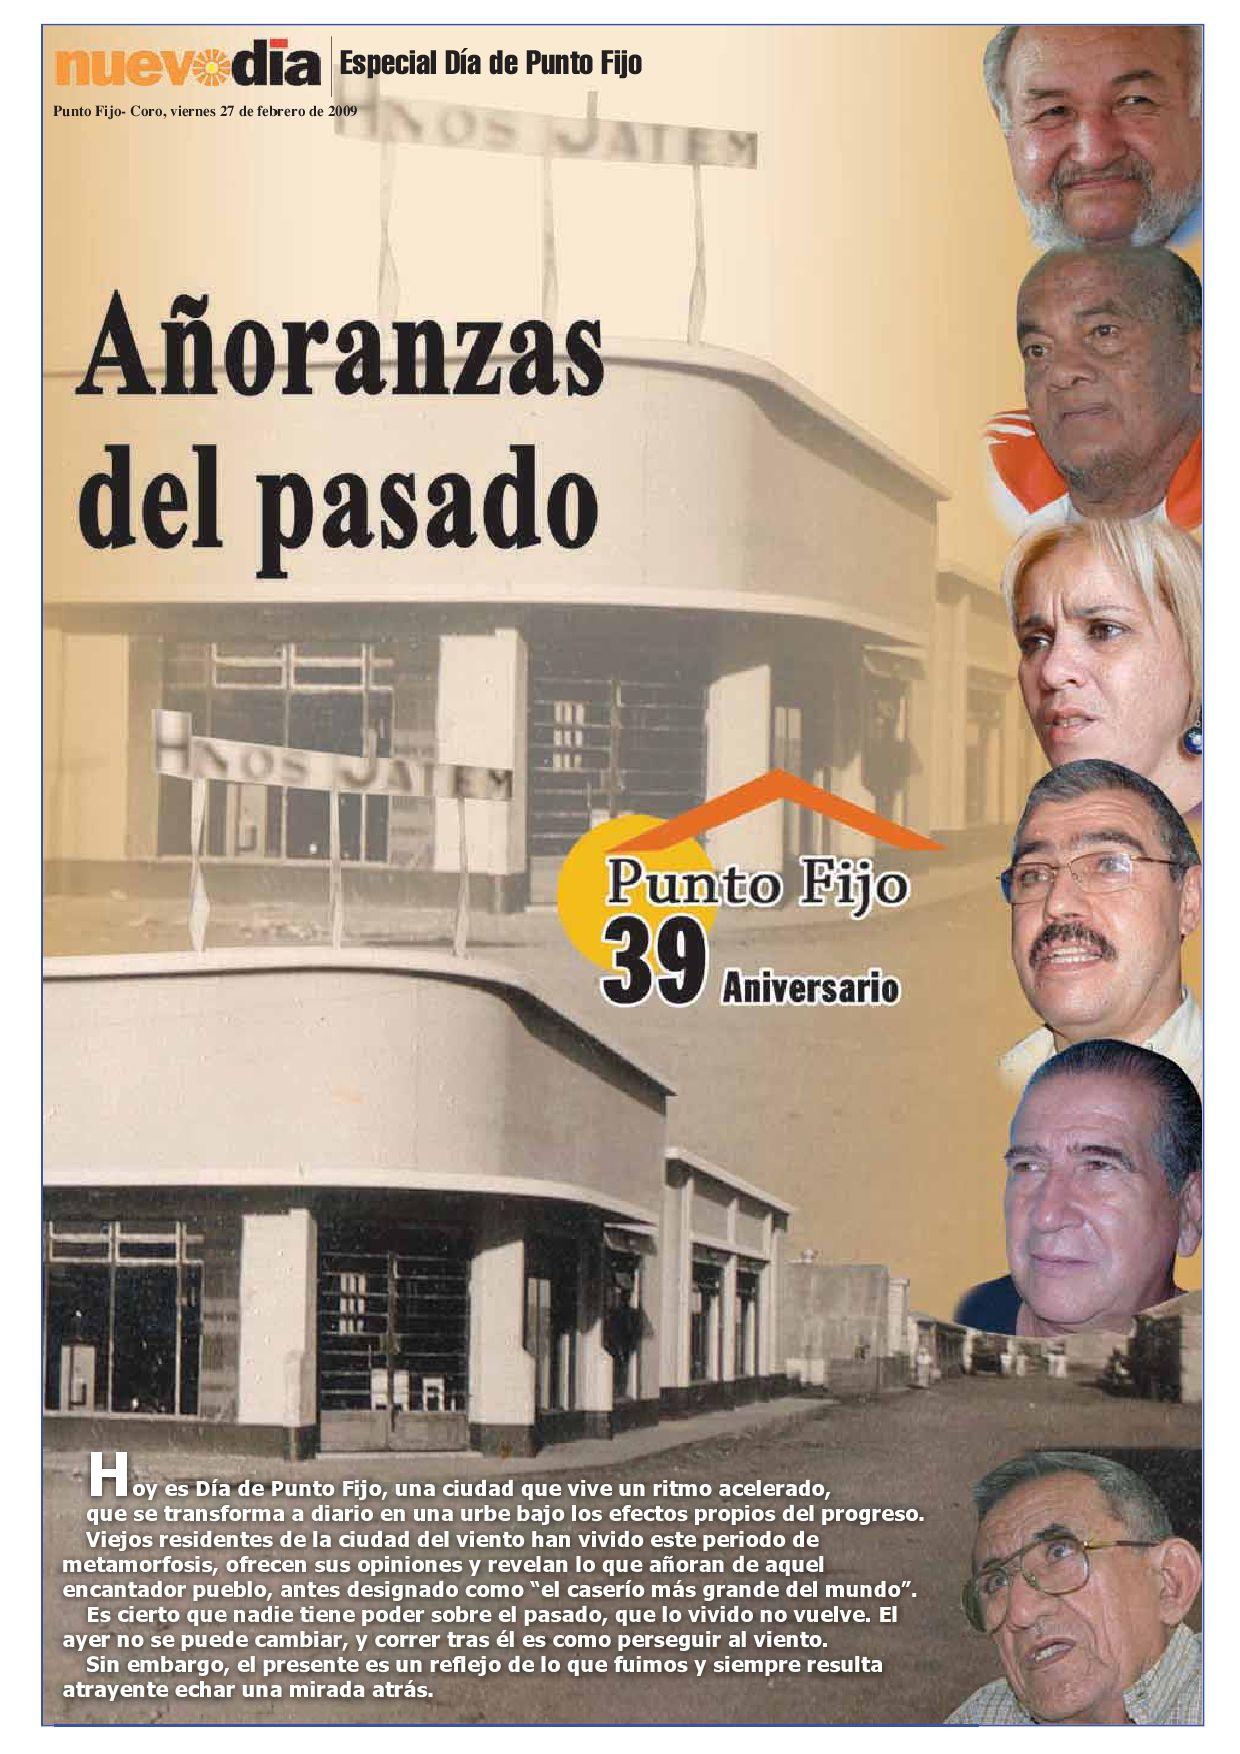 �9�ny�9g�ZI�Y��&_EspecialDíadePuntoFijoViernes27-02-2009byDiarioNuevoDía-Issuu